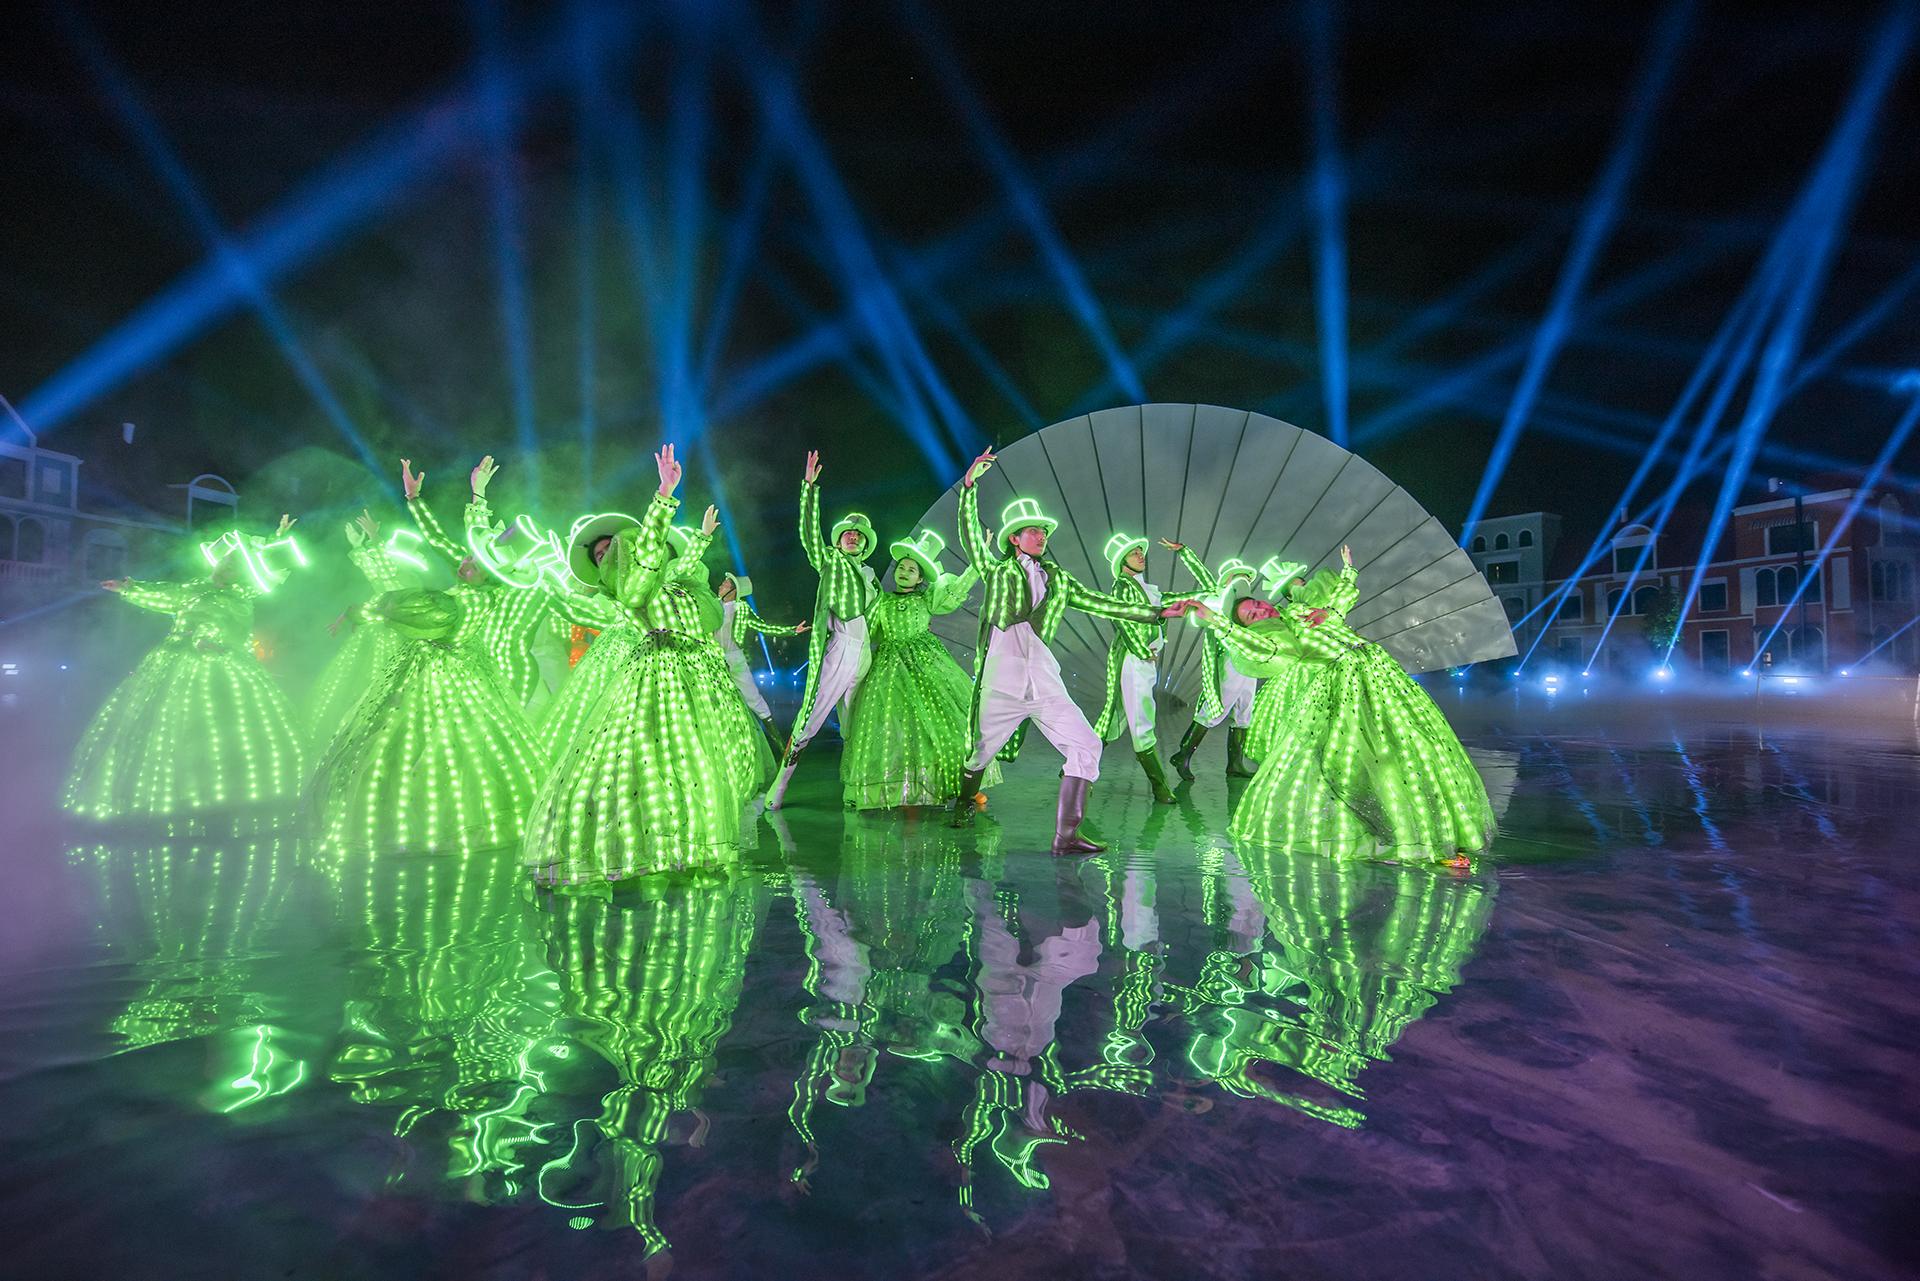 Show diễn đem đến không khí lễ hội hoá trang thành Venice với hàng chục hoạt động biểu diễn đặc sắc, những bộ trang phục làm thủ công bởi các nghệ nhân tài hoa. Trên những đoàn thuyền Gonzola trứ danh, du khách có thể du ngoạn toàn bộ khu Venice và chiêm ngưỡng sân khấu nhạc nước Sắc Màu Venice được công diễn vào mỗi tối.